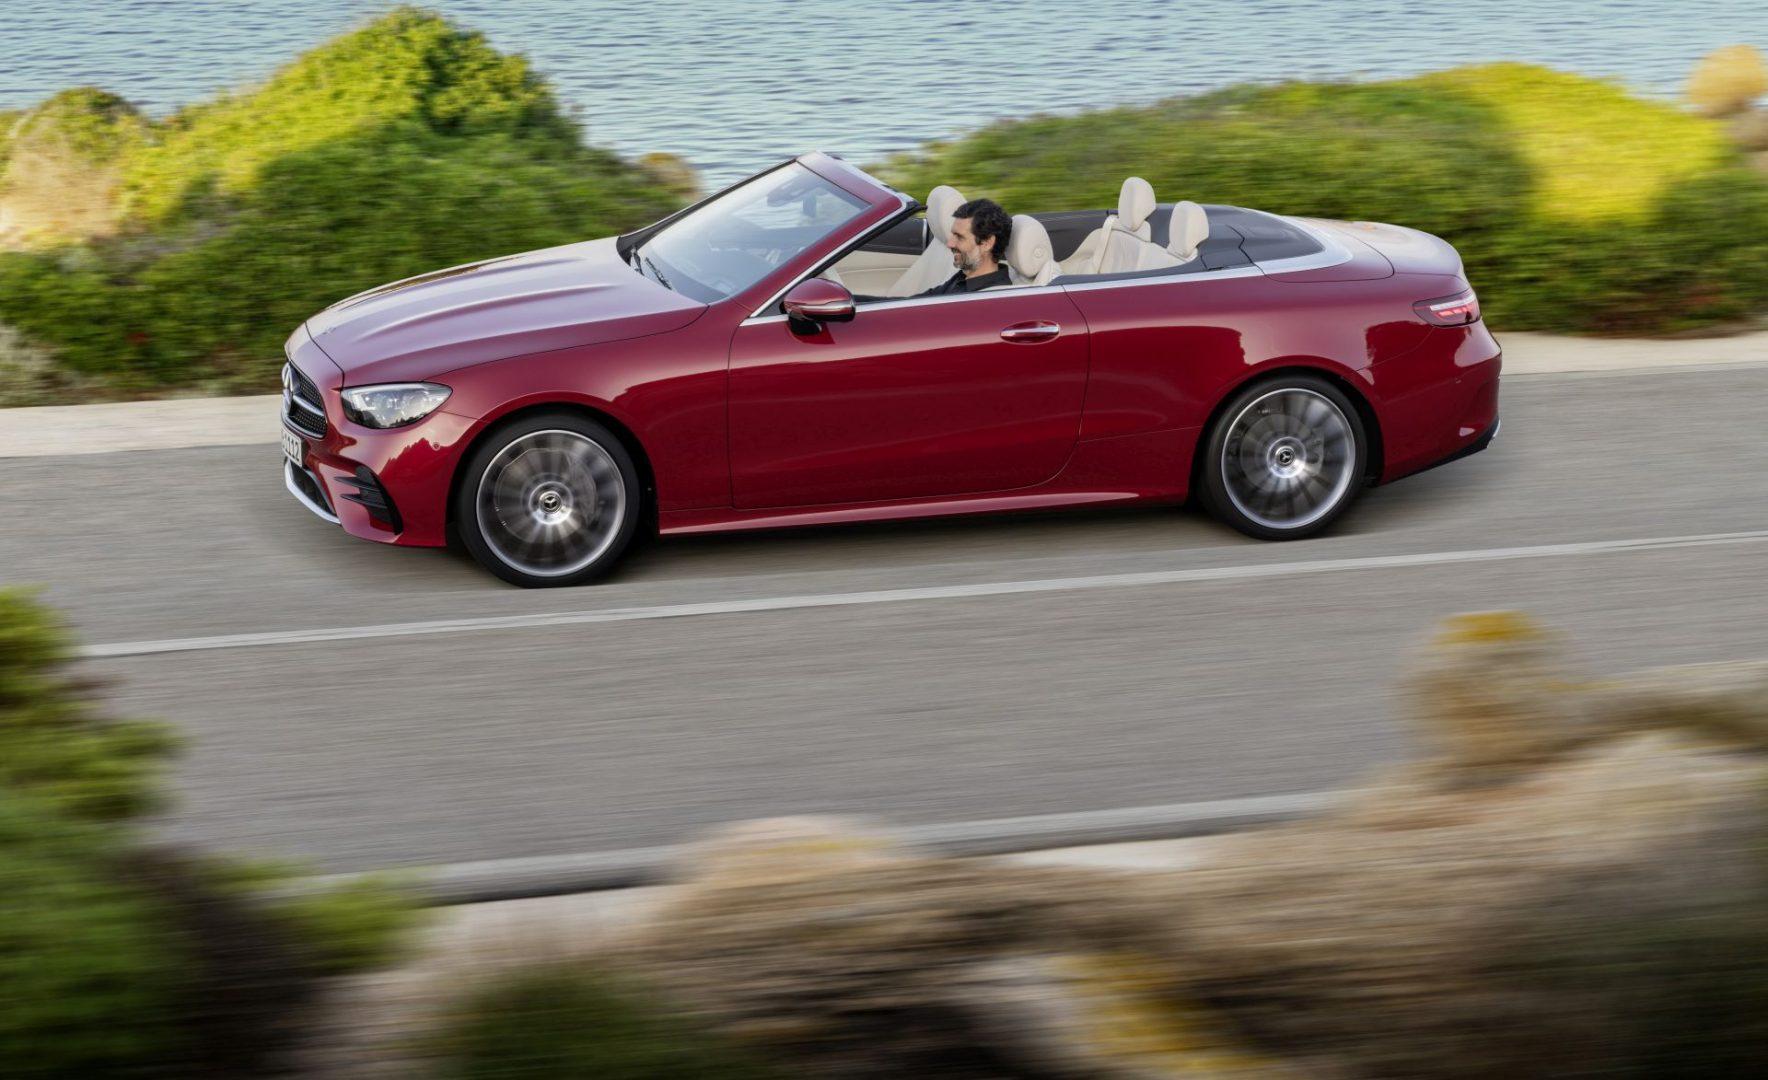 Dorađena je Mercedes-Benz E-klasa coupe i E-klasa cabriolet